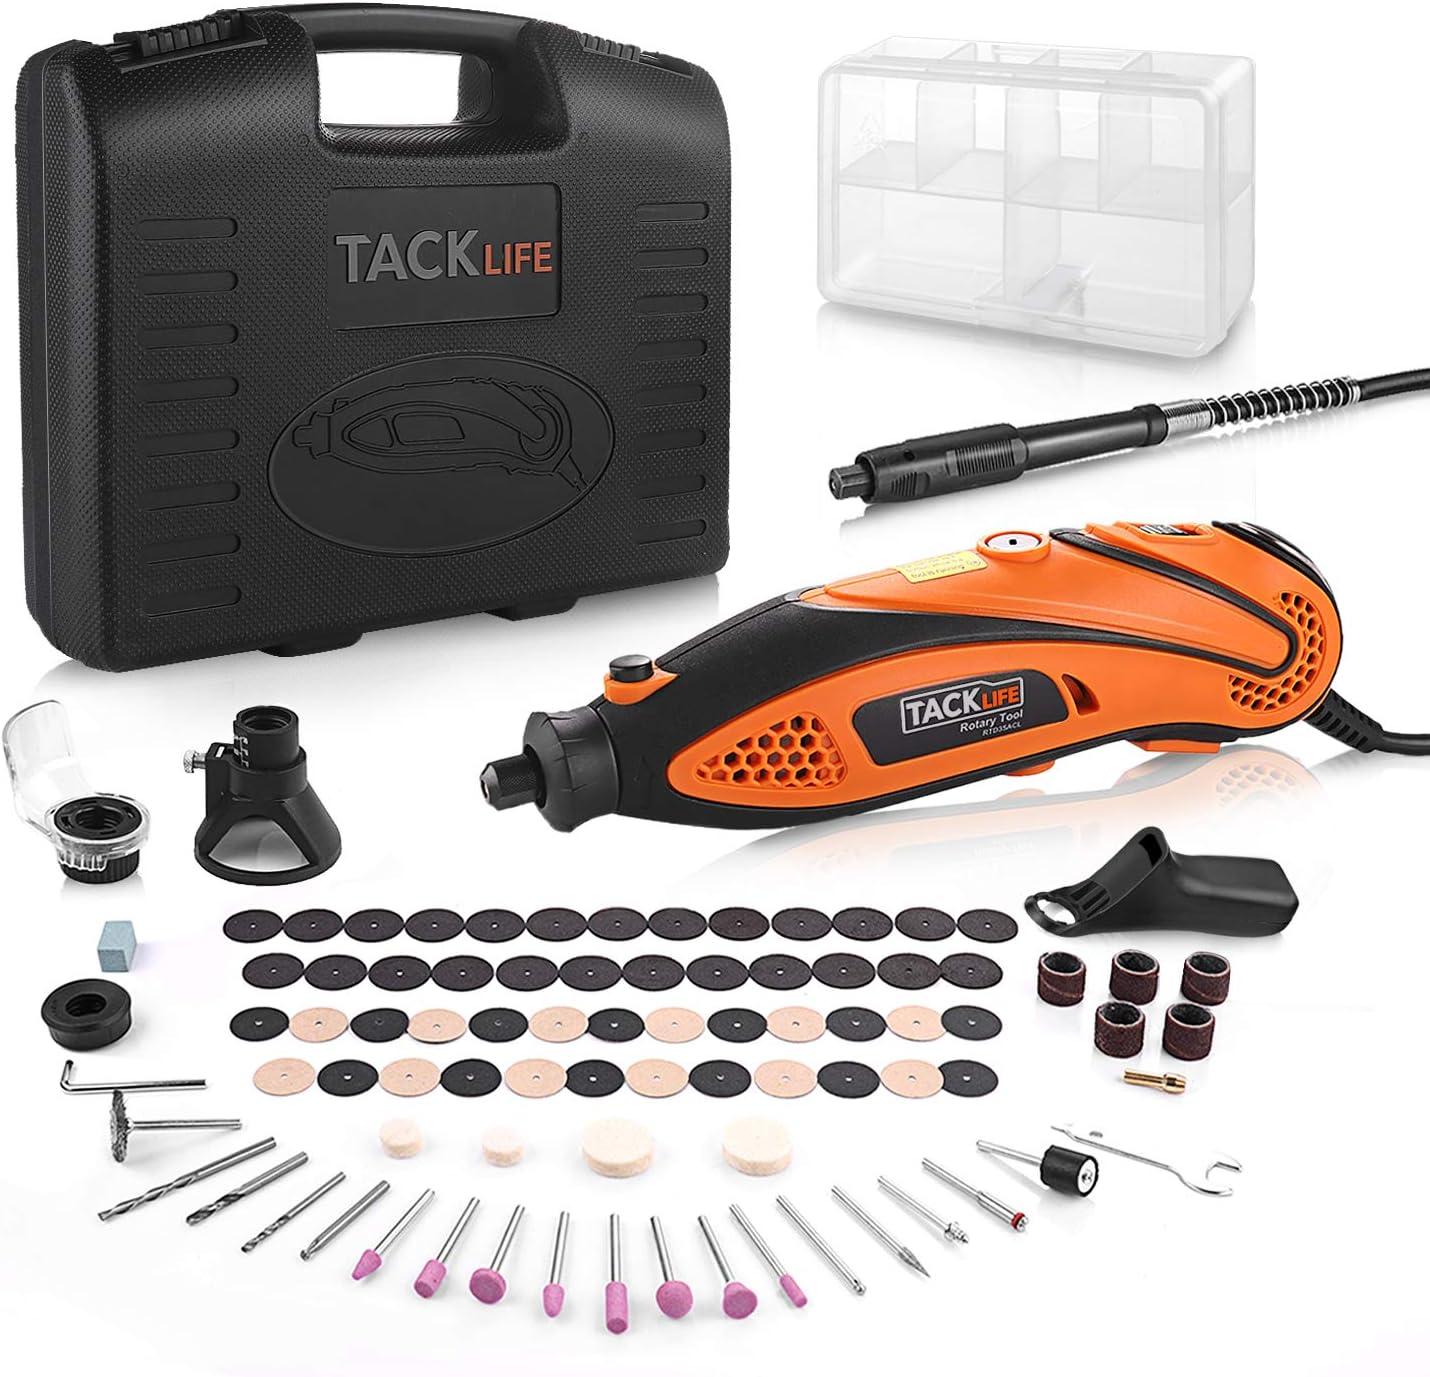 TACKLIFE Rotary Tool Kit